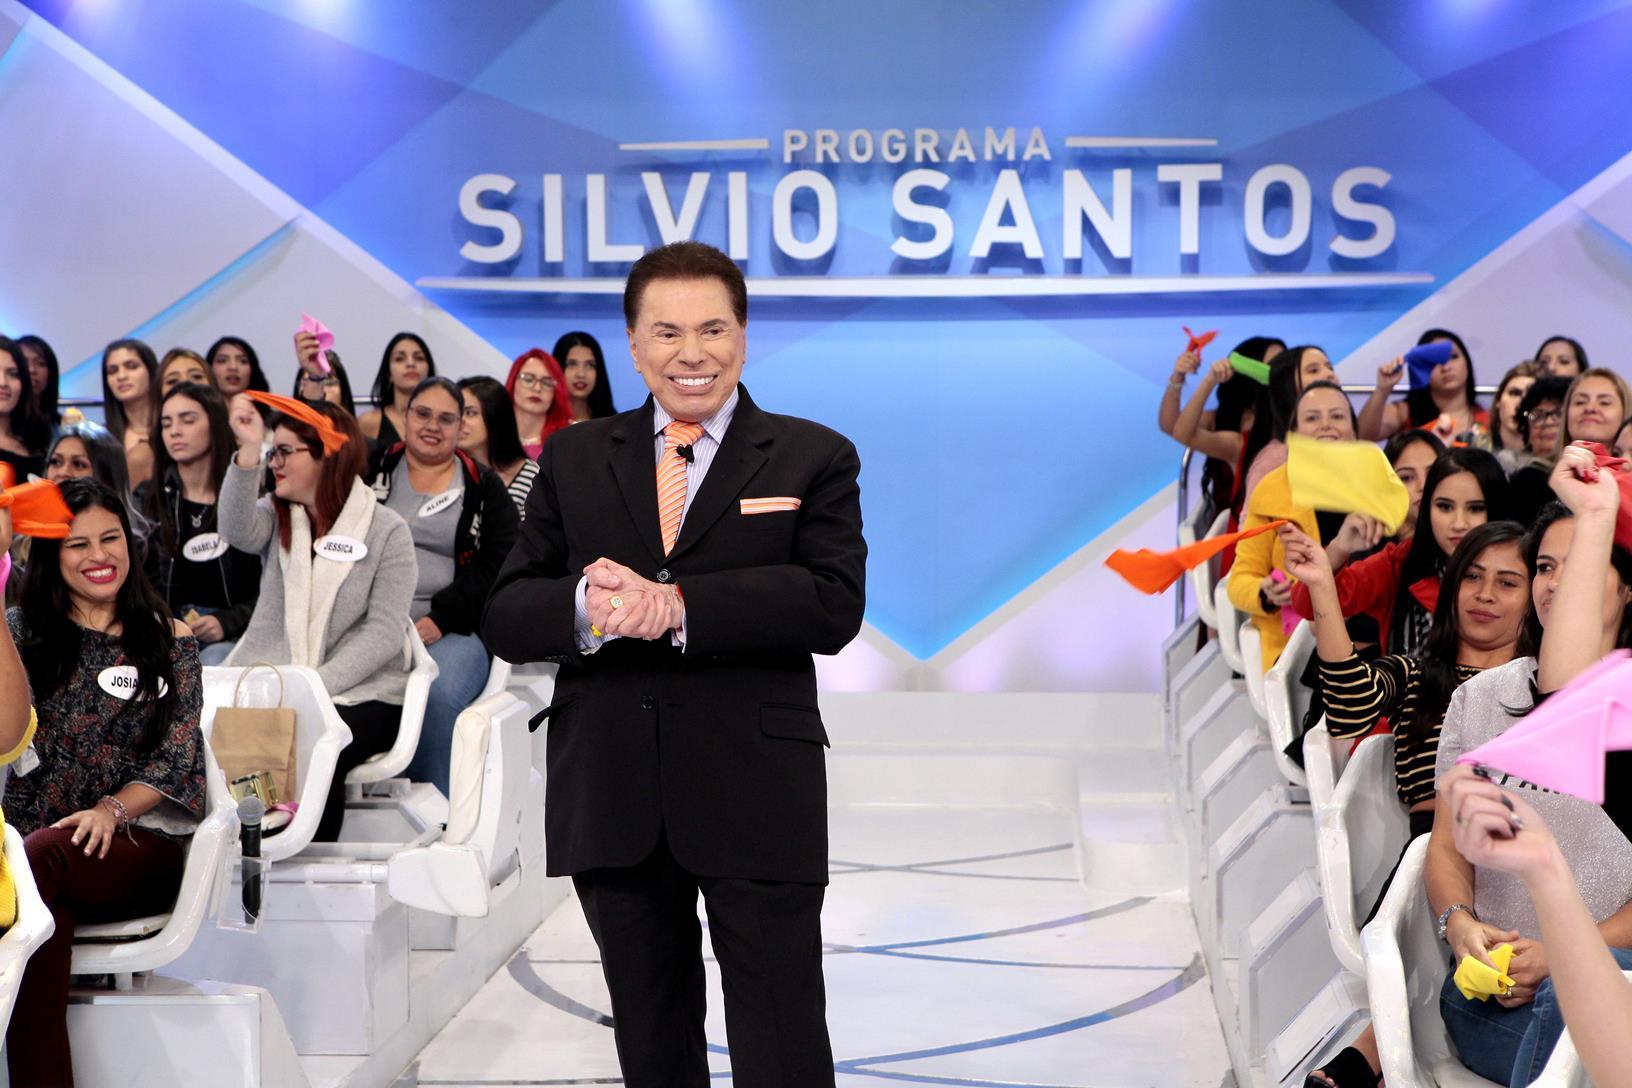 Silvio Santos _Foto Lourival Ribeiro_SBT